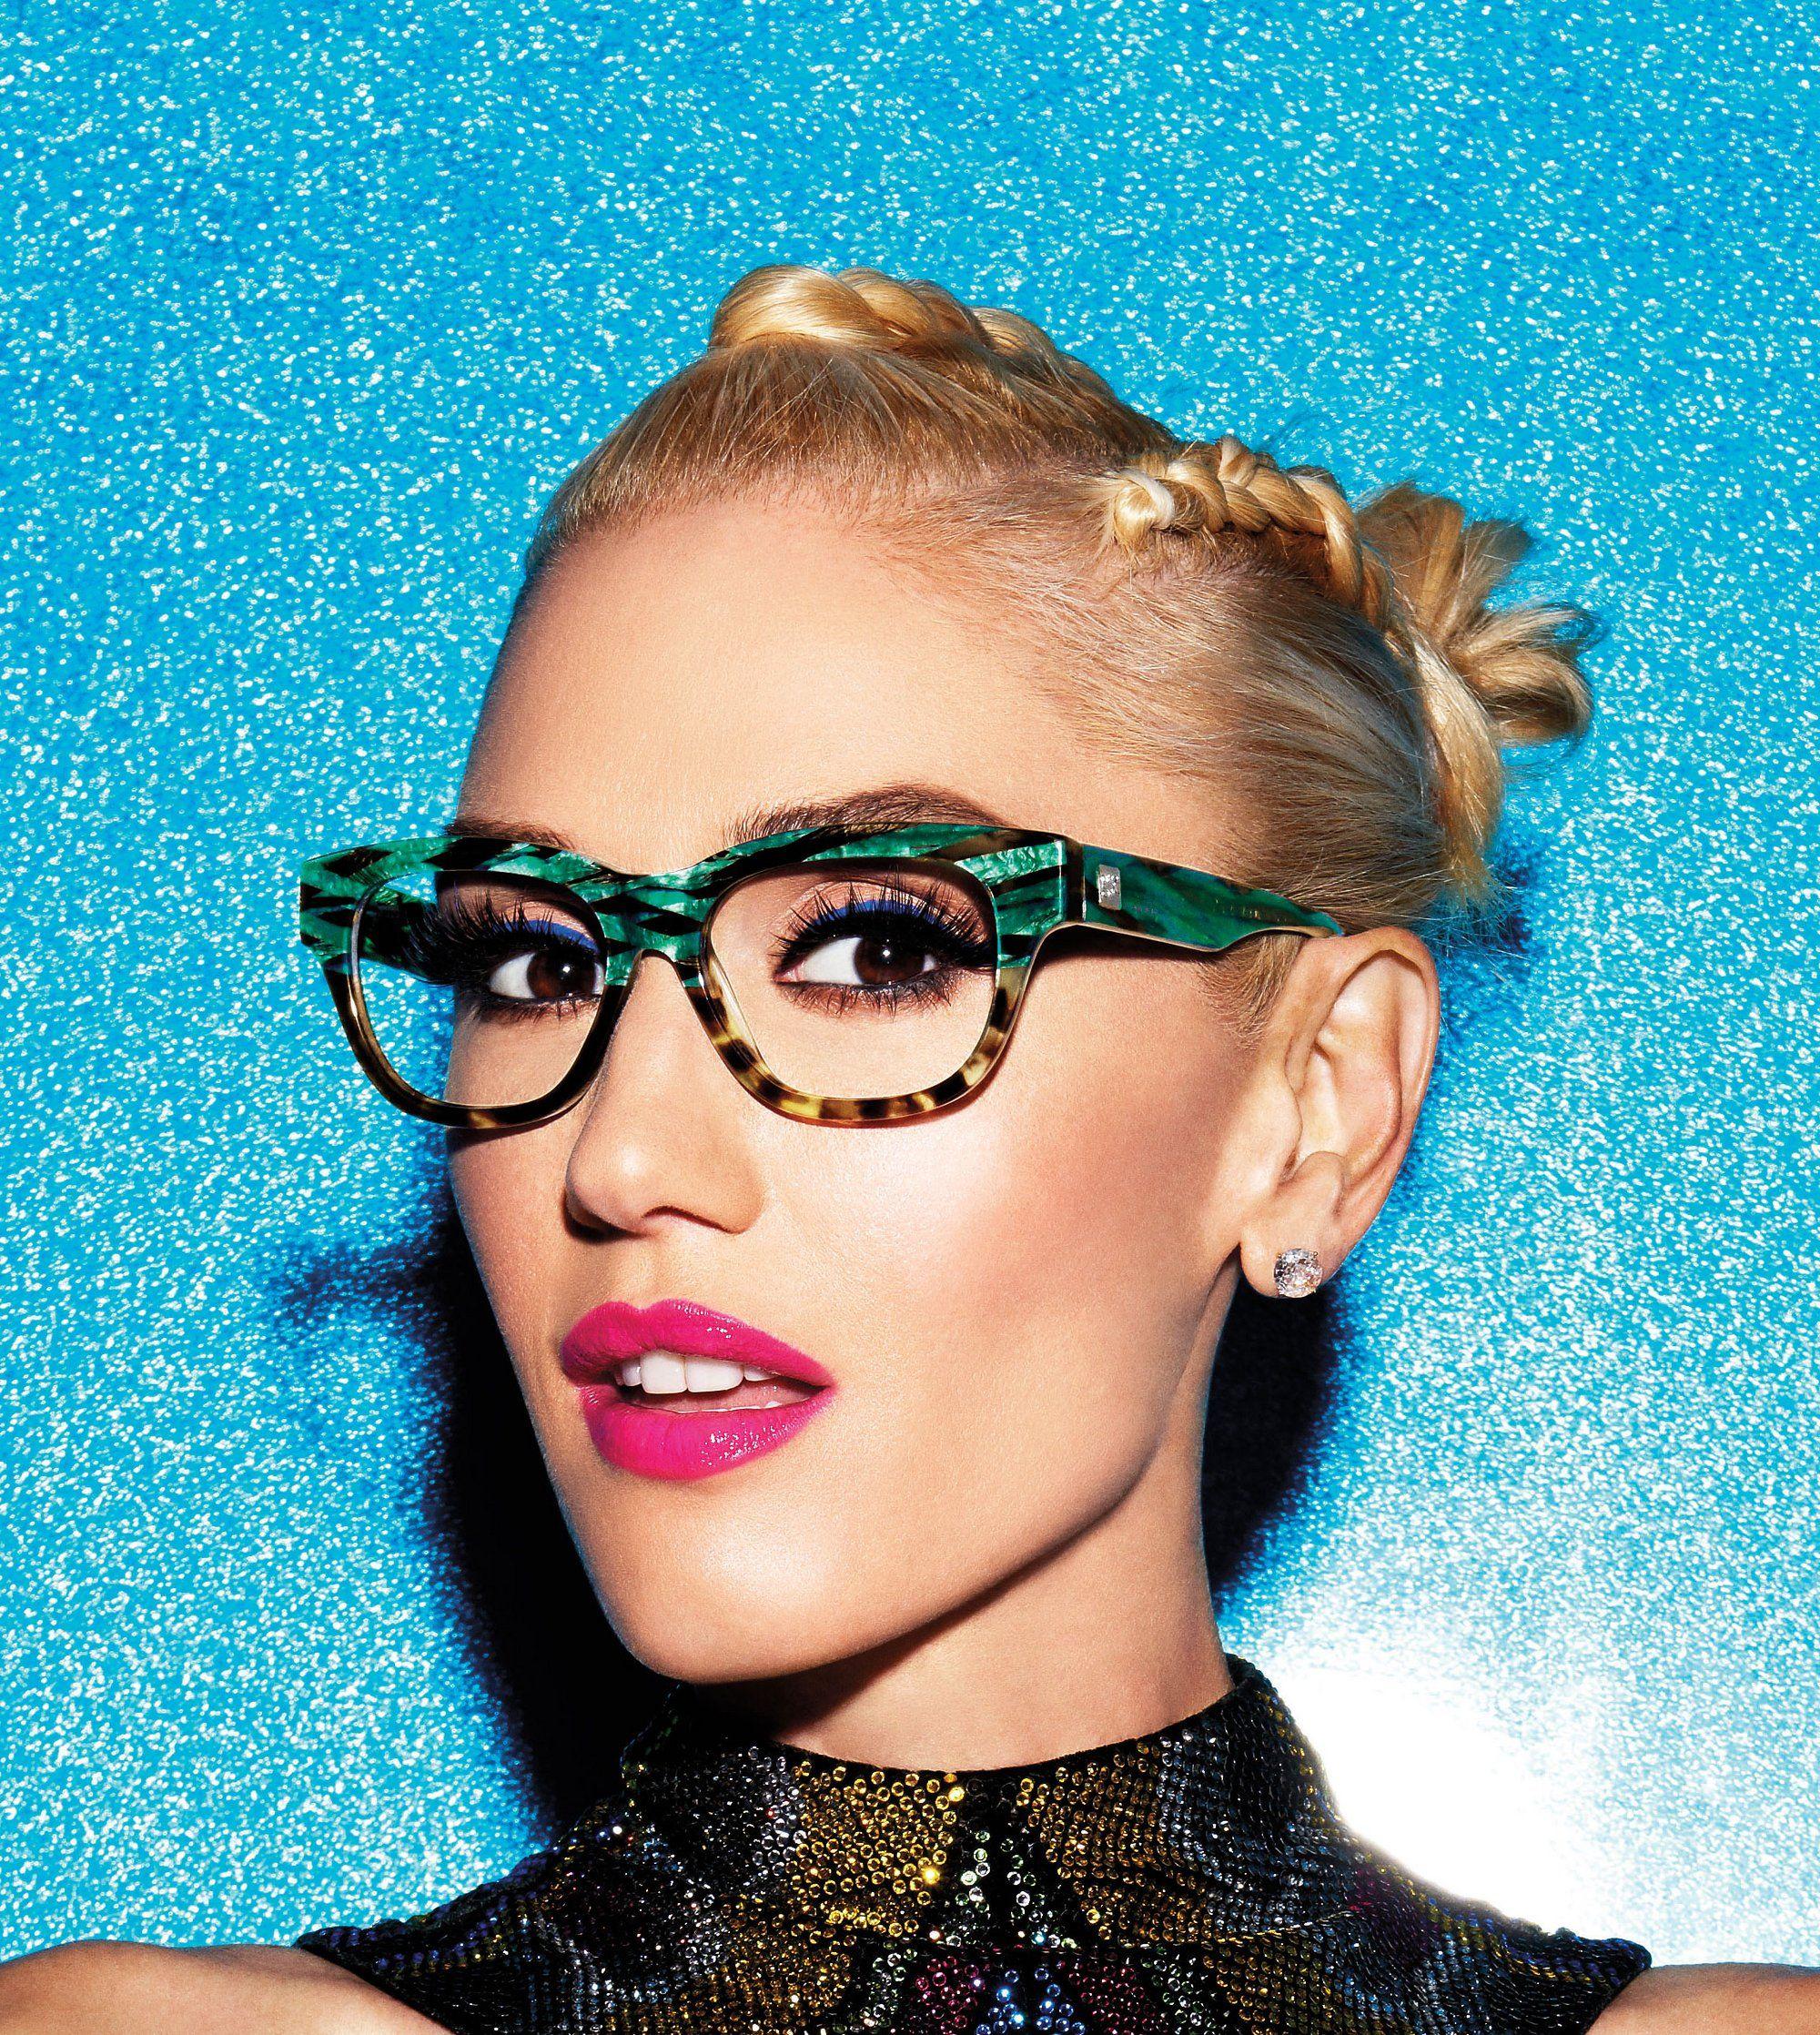 GX by GWEN STEFANI GX009 Glasses | GX by GWEN STEFANI